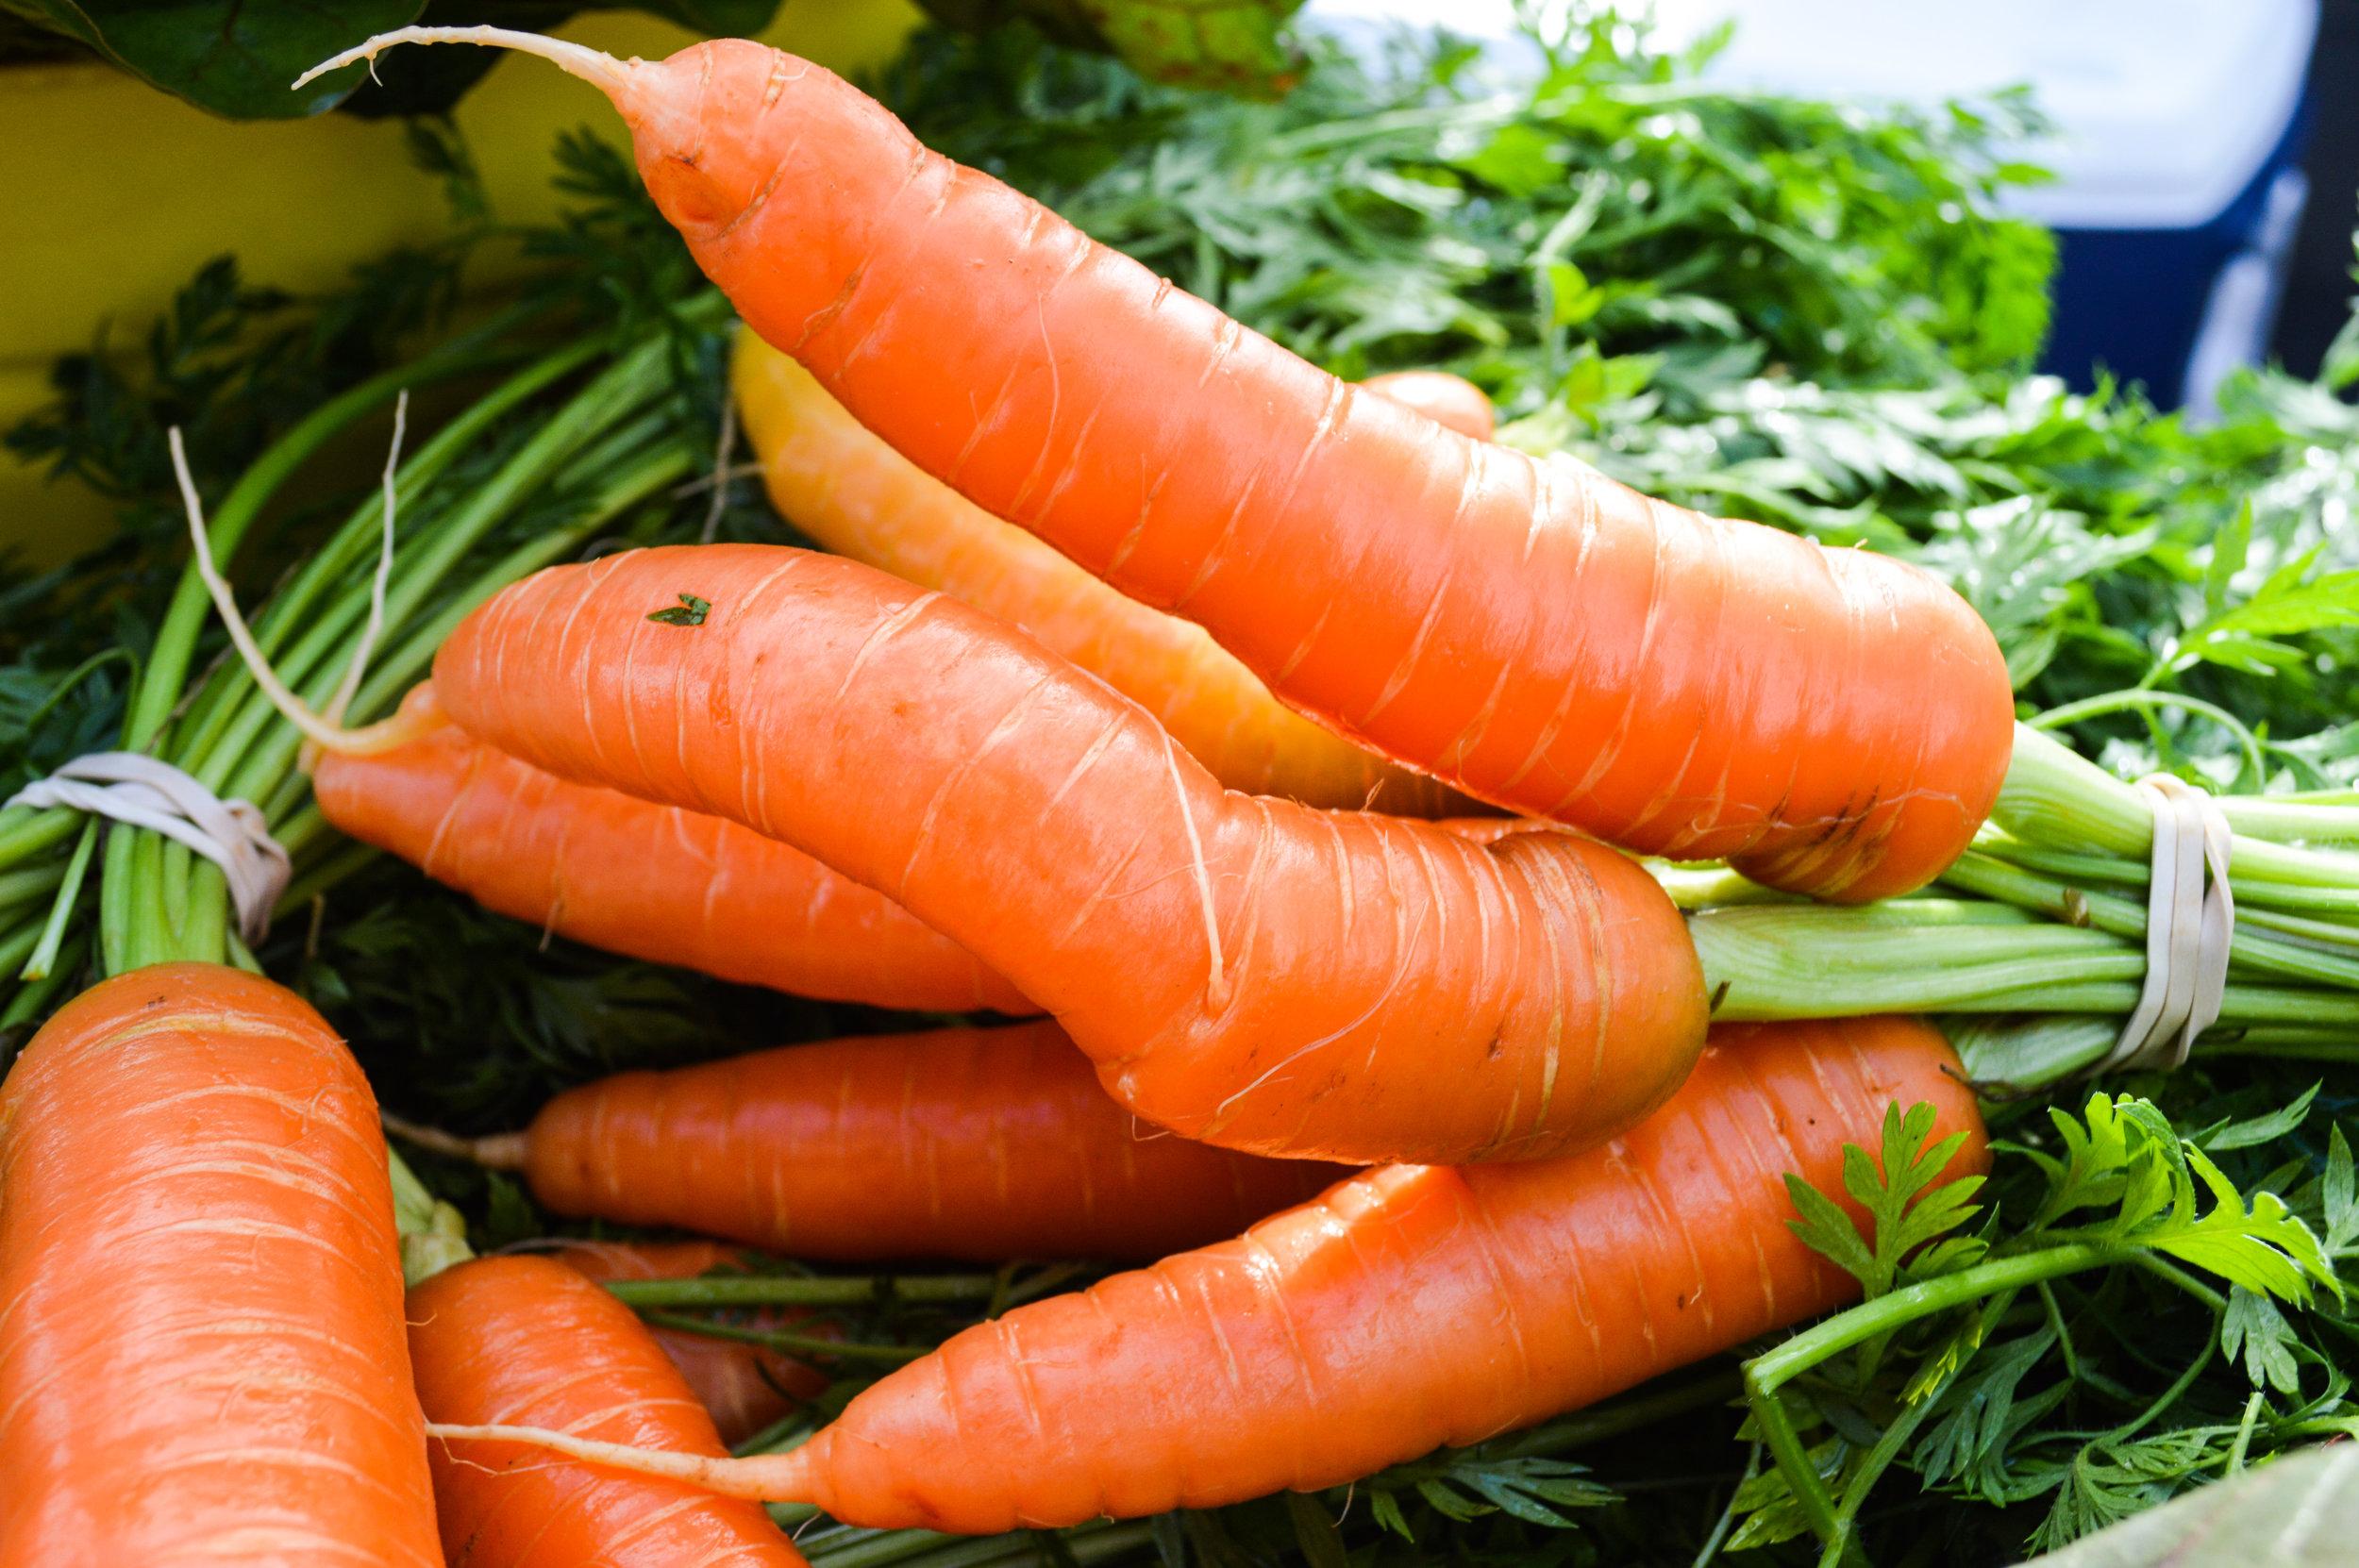 Wonderful Carrots from Spreading Oaks Farm!